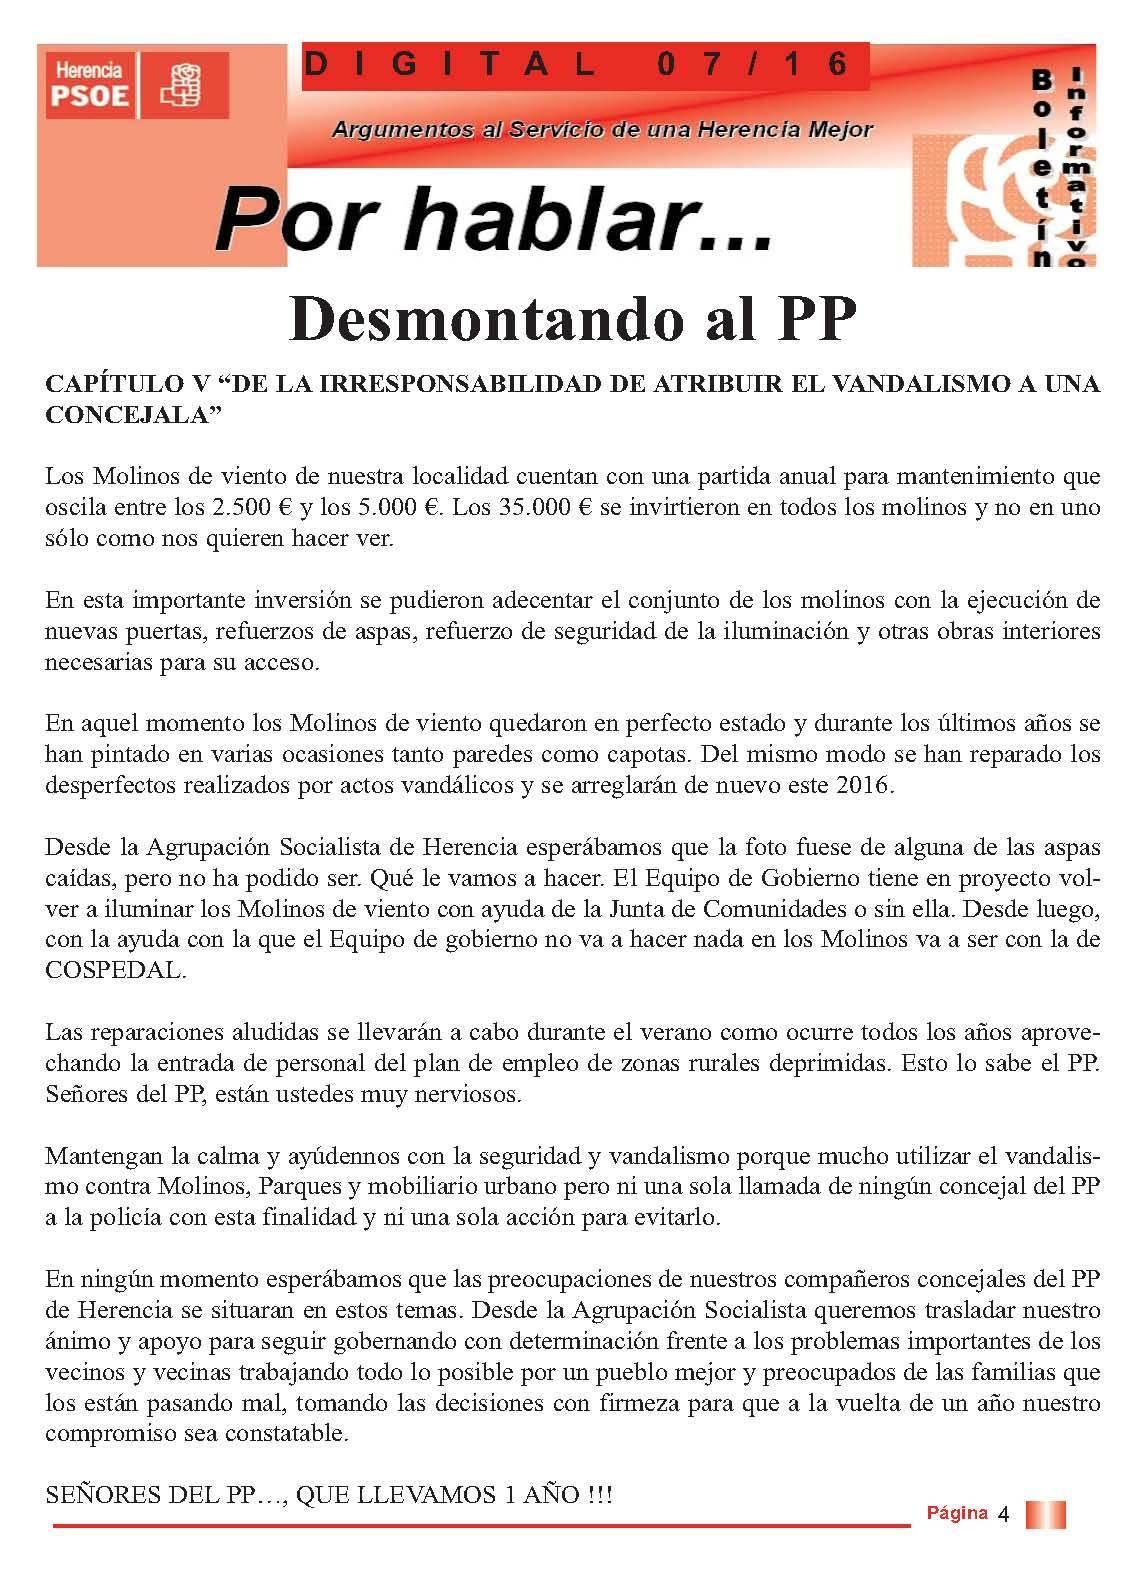 boletin informatico psoe herencia desmontando al pp 4 - PSOE responde al boletín del PP con otro boletín